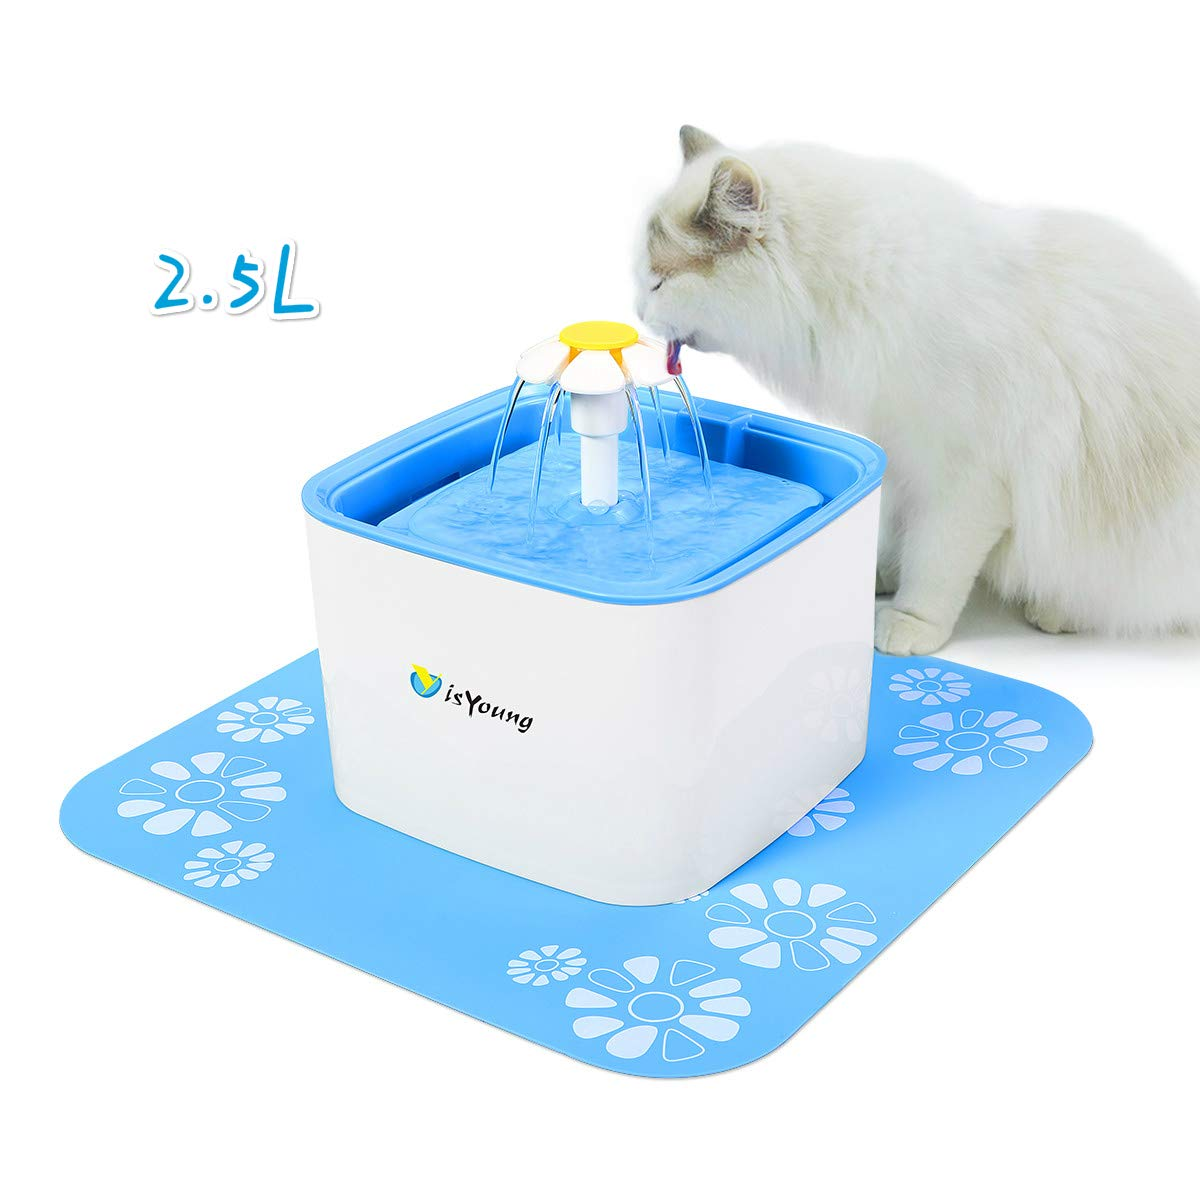 isYoung Bebedero Automático Gatos, Fuente de Agua Gatos y Perros, Dispensador de Agua Automático para Perros y Gatos, Fuente para Mascotas, Gran Capacidad DE 2.5 L, 3 Modos Ajustables (Azul)